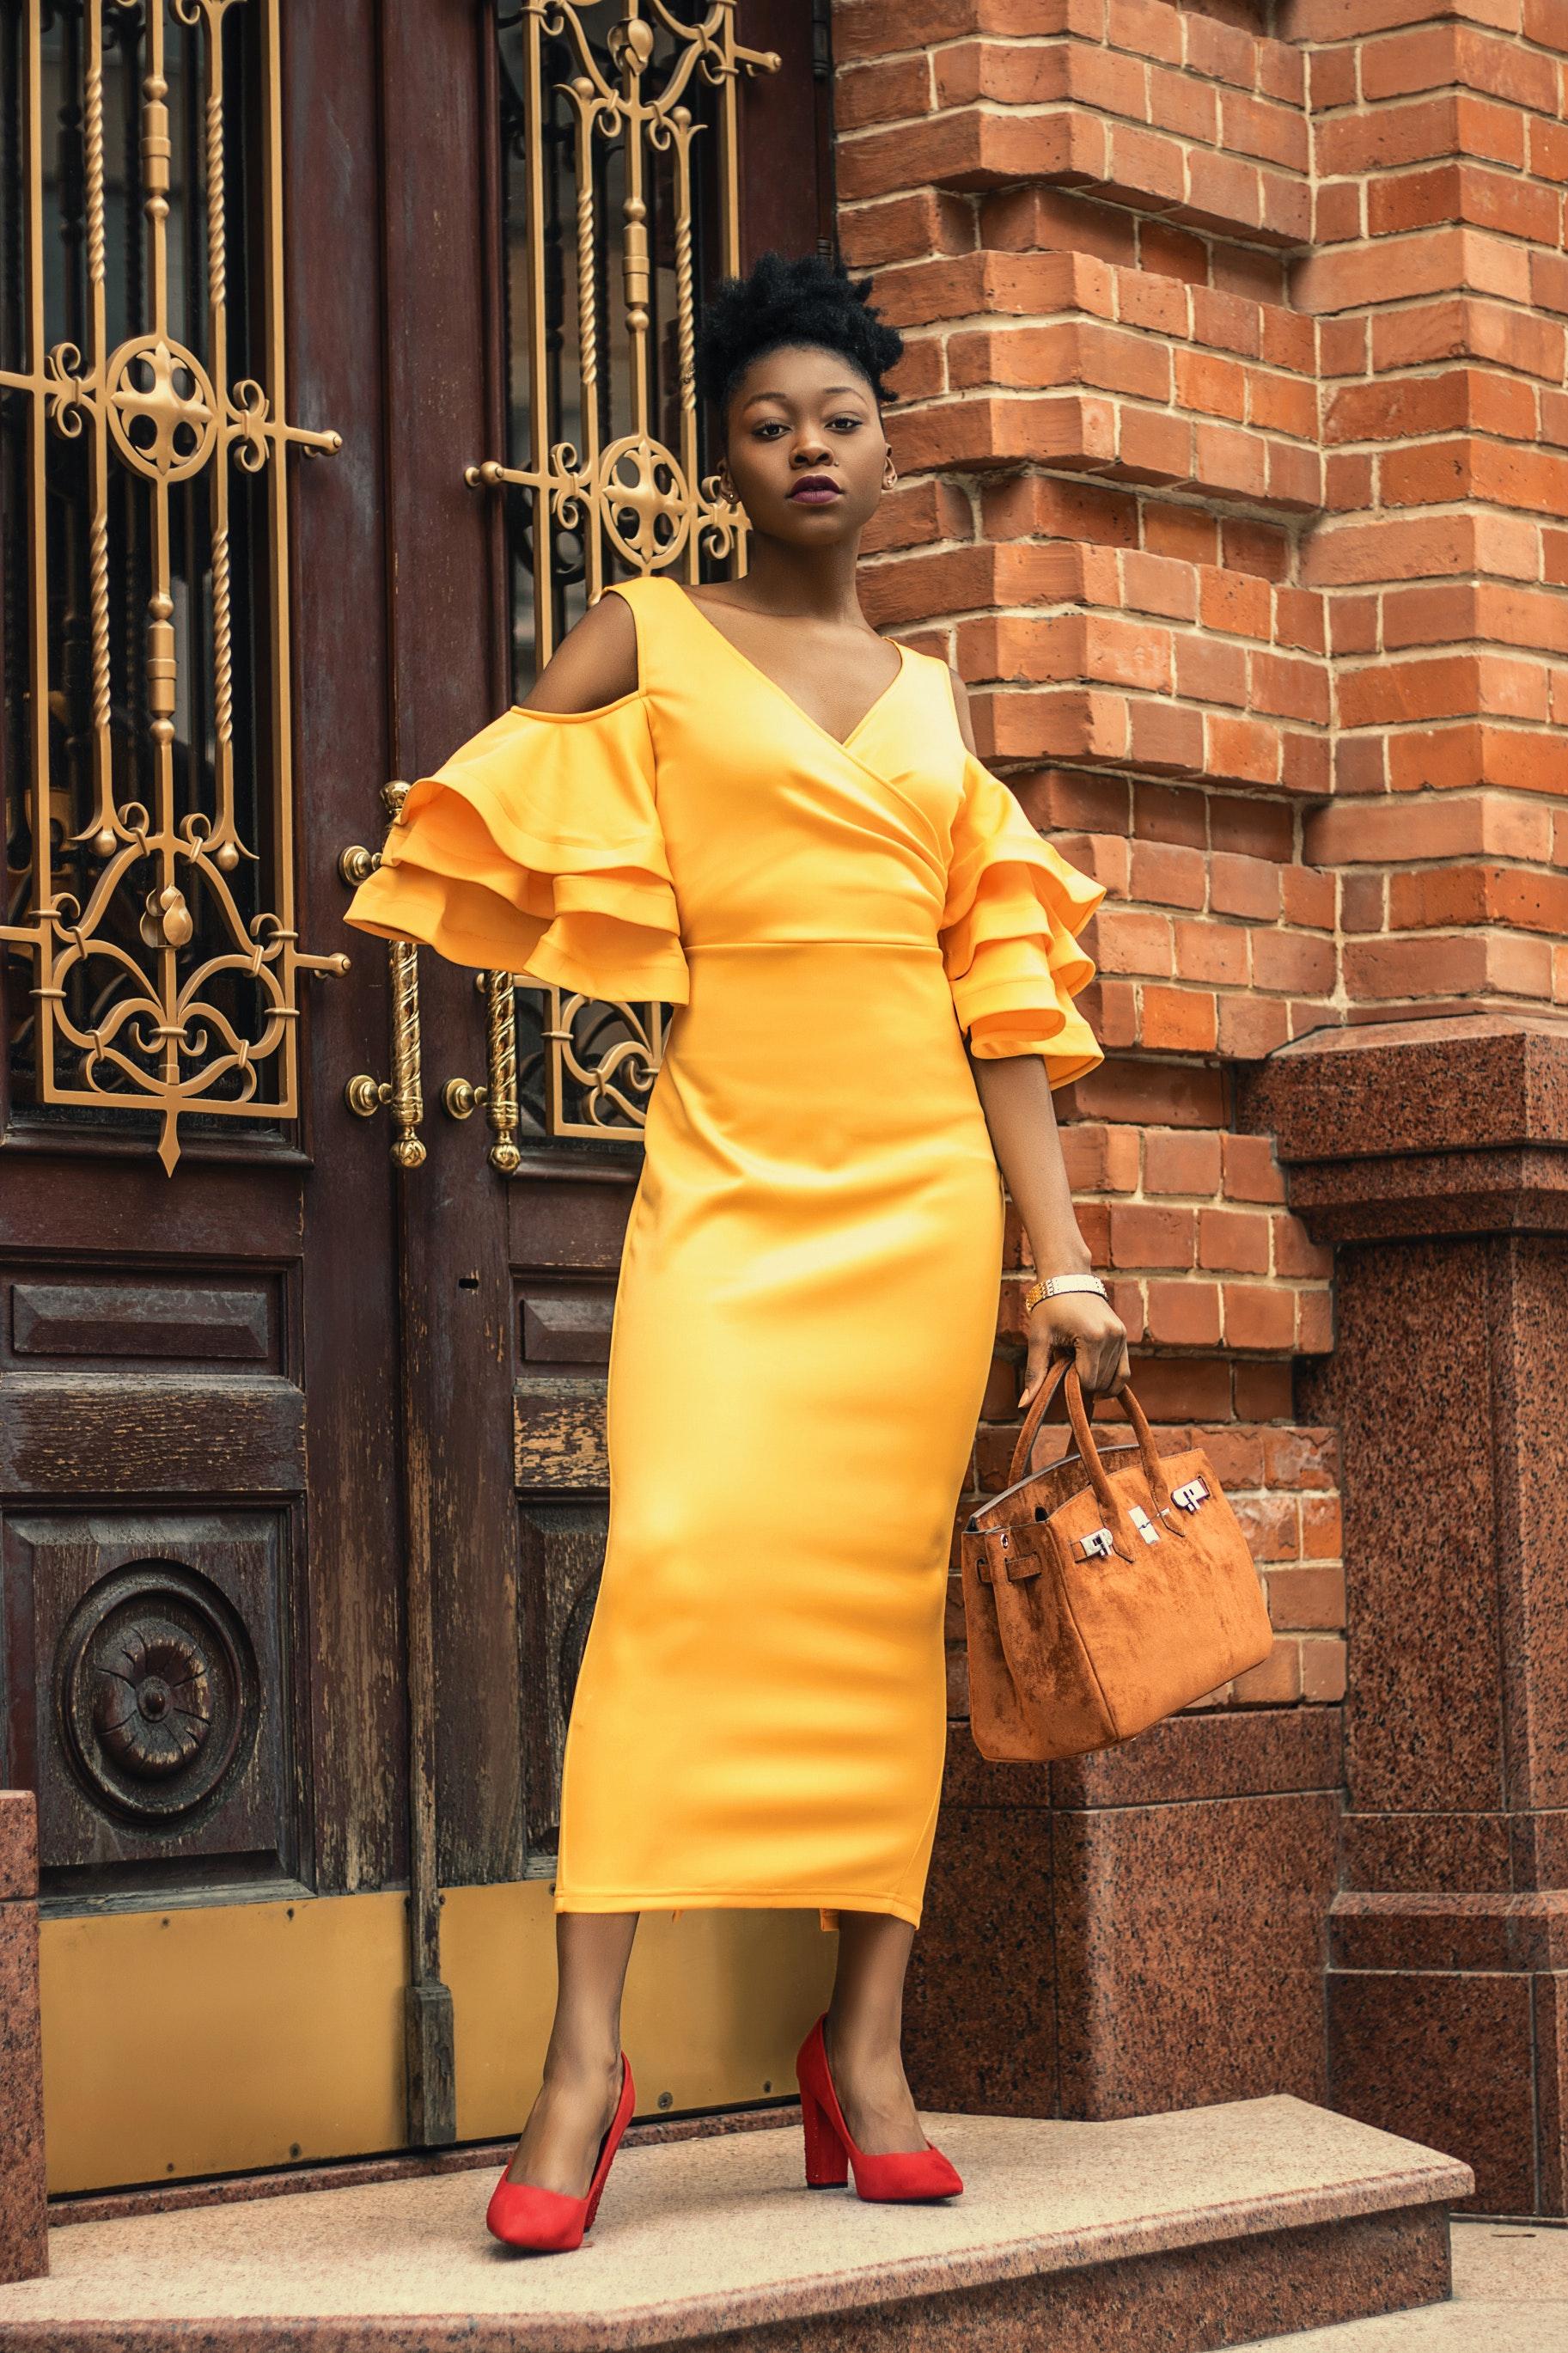 bricks-brown-bag-classy-1936854.jpg